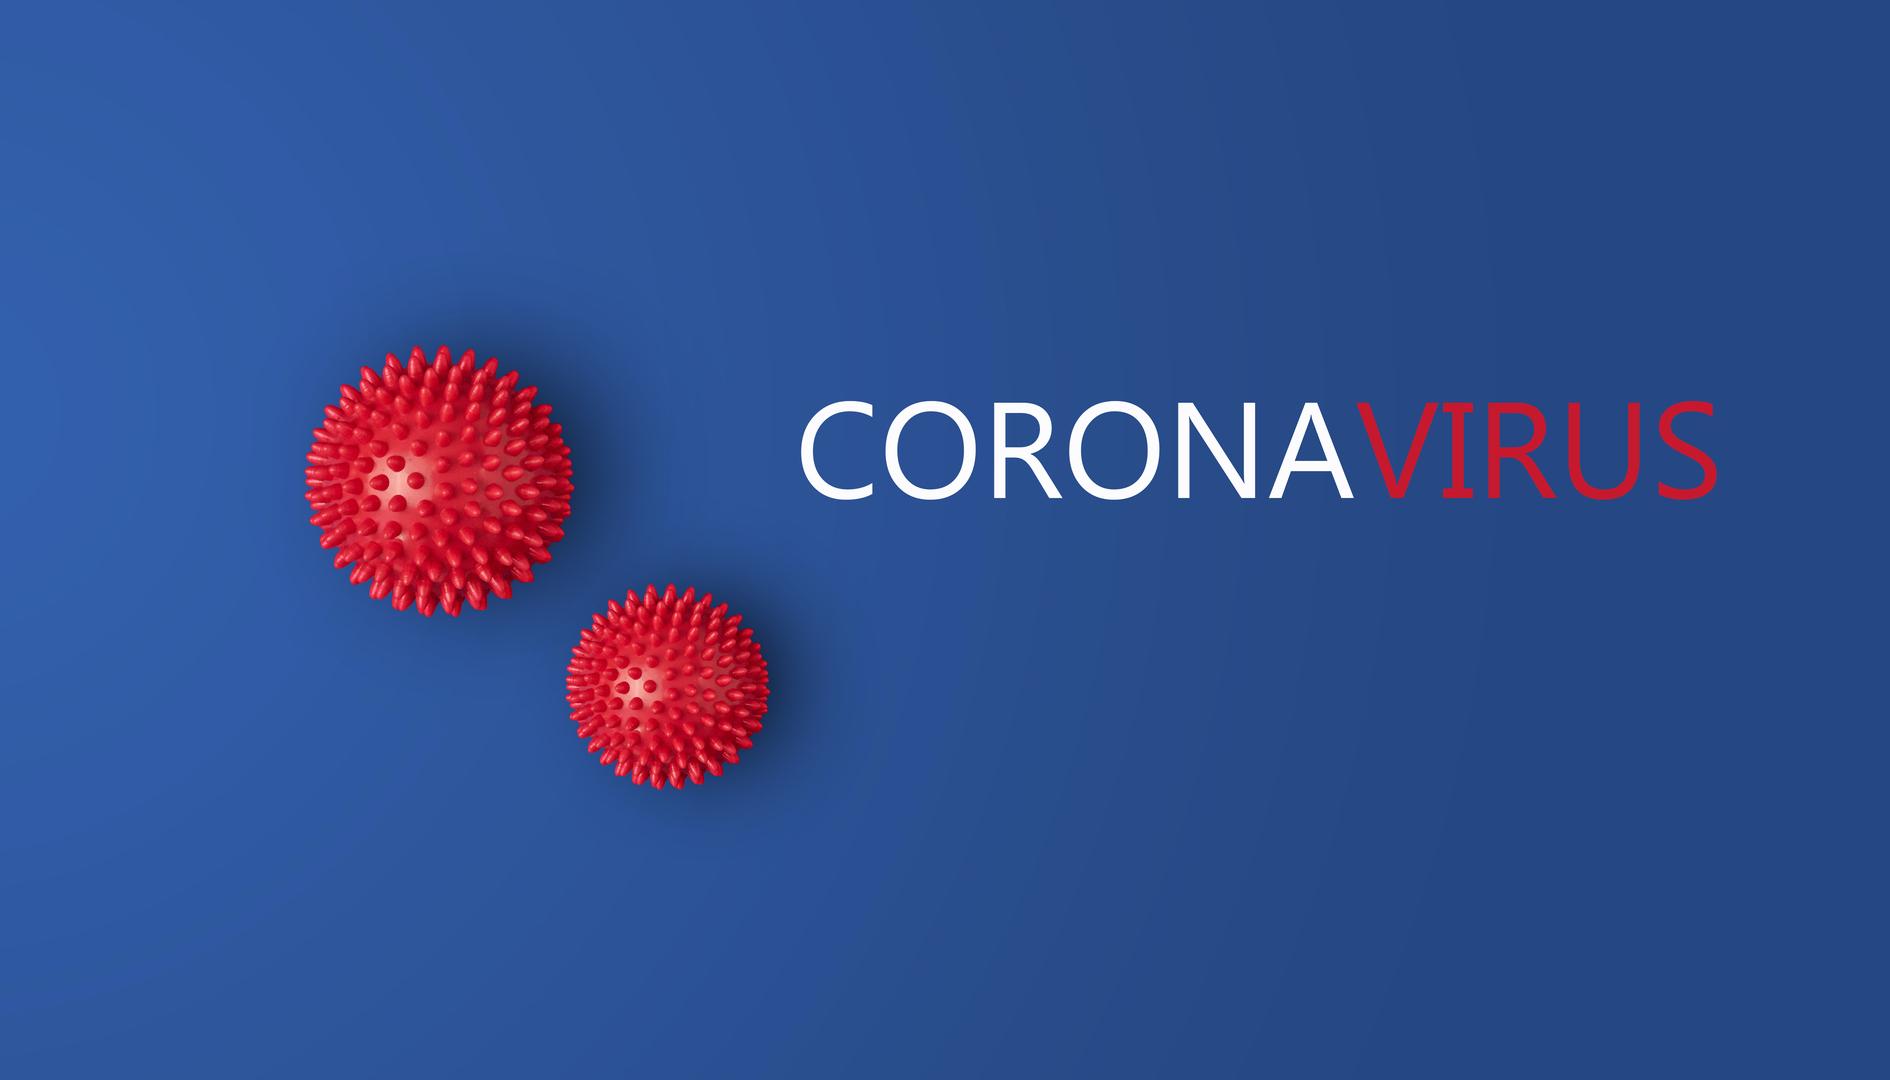 Coronavirus: come bisogna spostarsi da casa? Facciamo chiarezza.